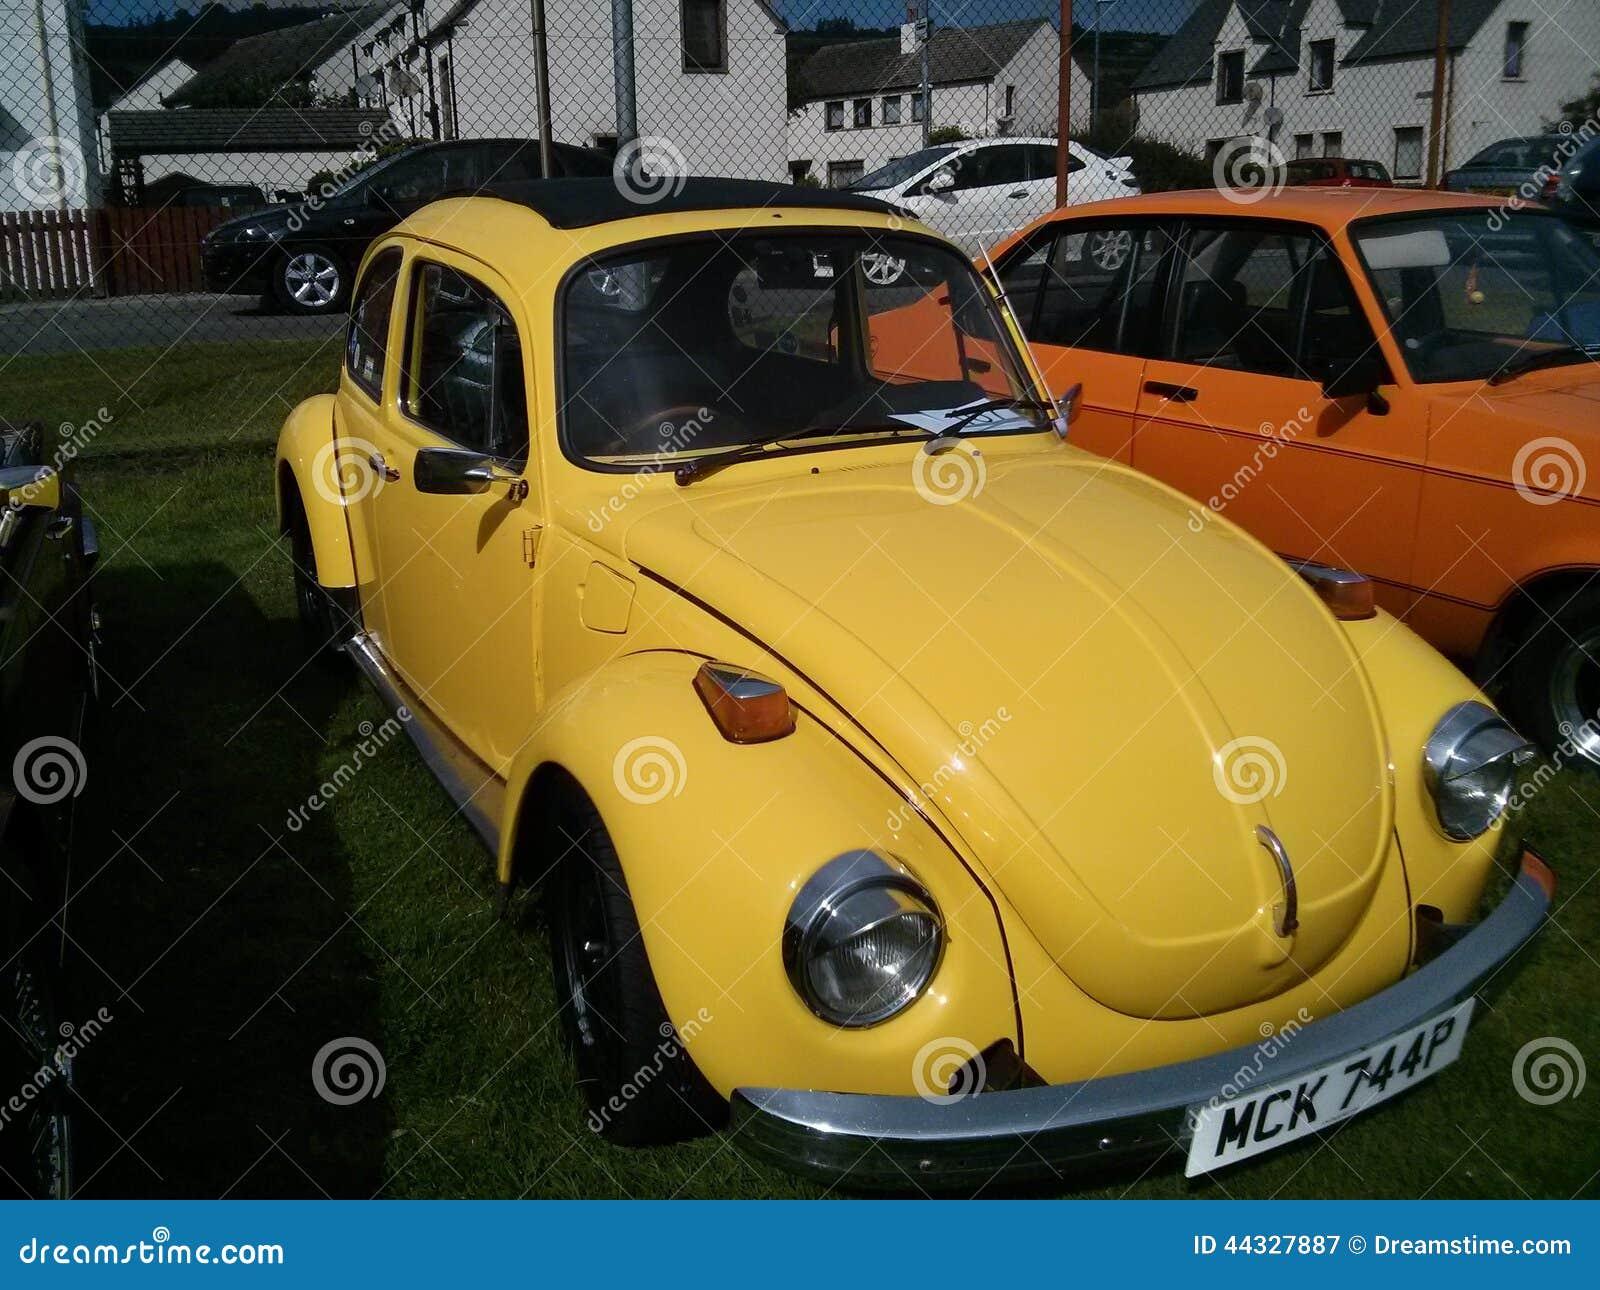 Volkswagen beetle yellow